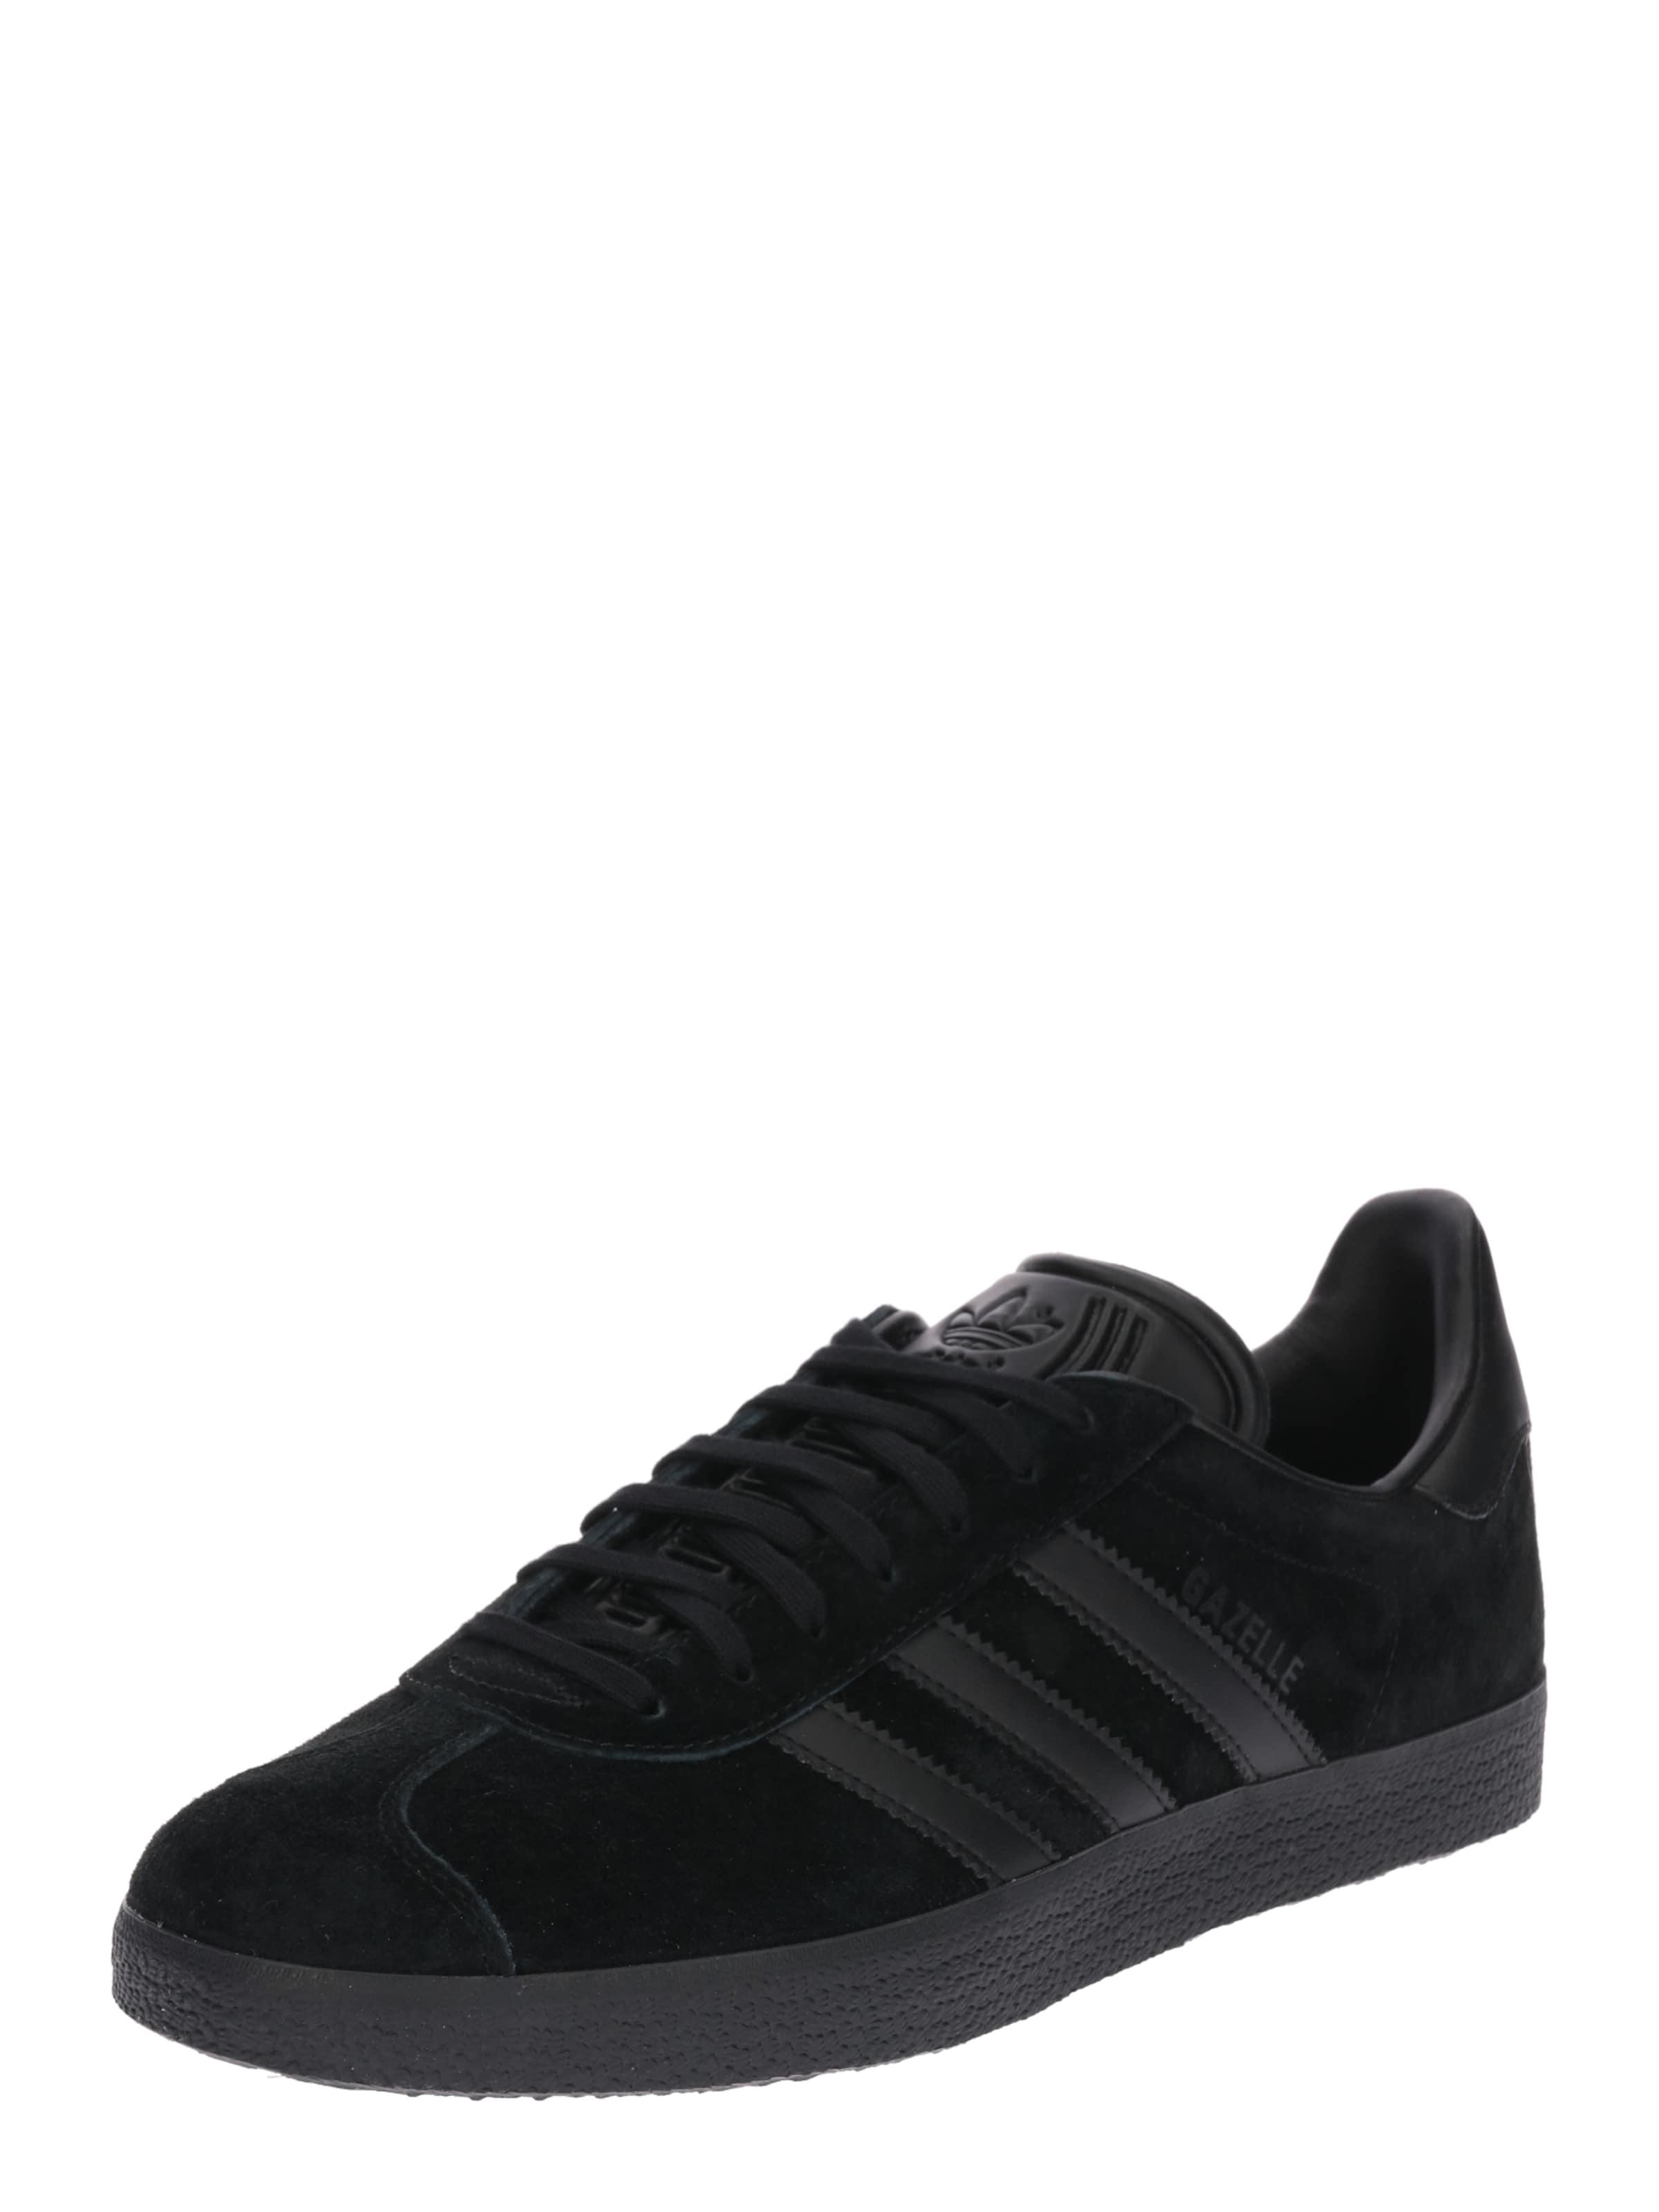 Noir Adidas Originals Chaussures Pour Les Hommes Tvb4V